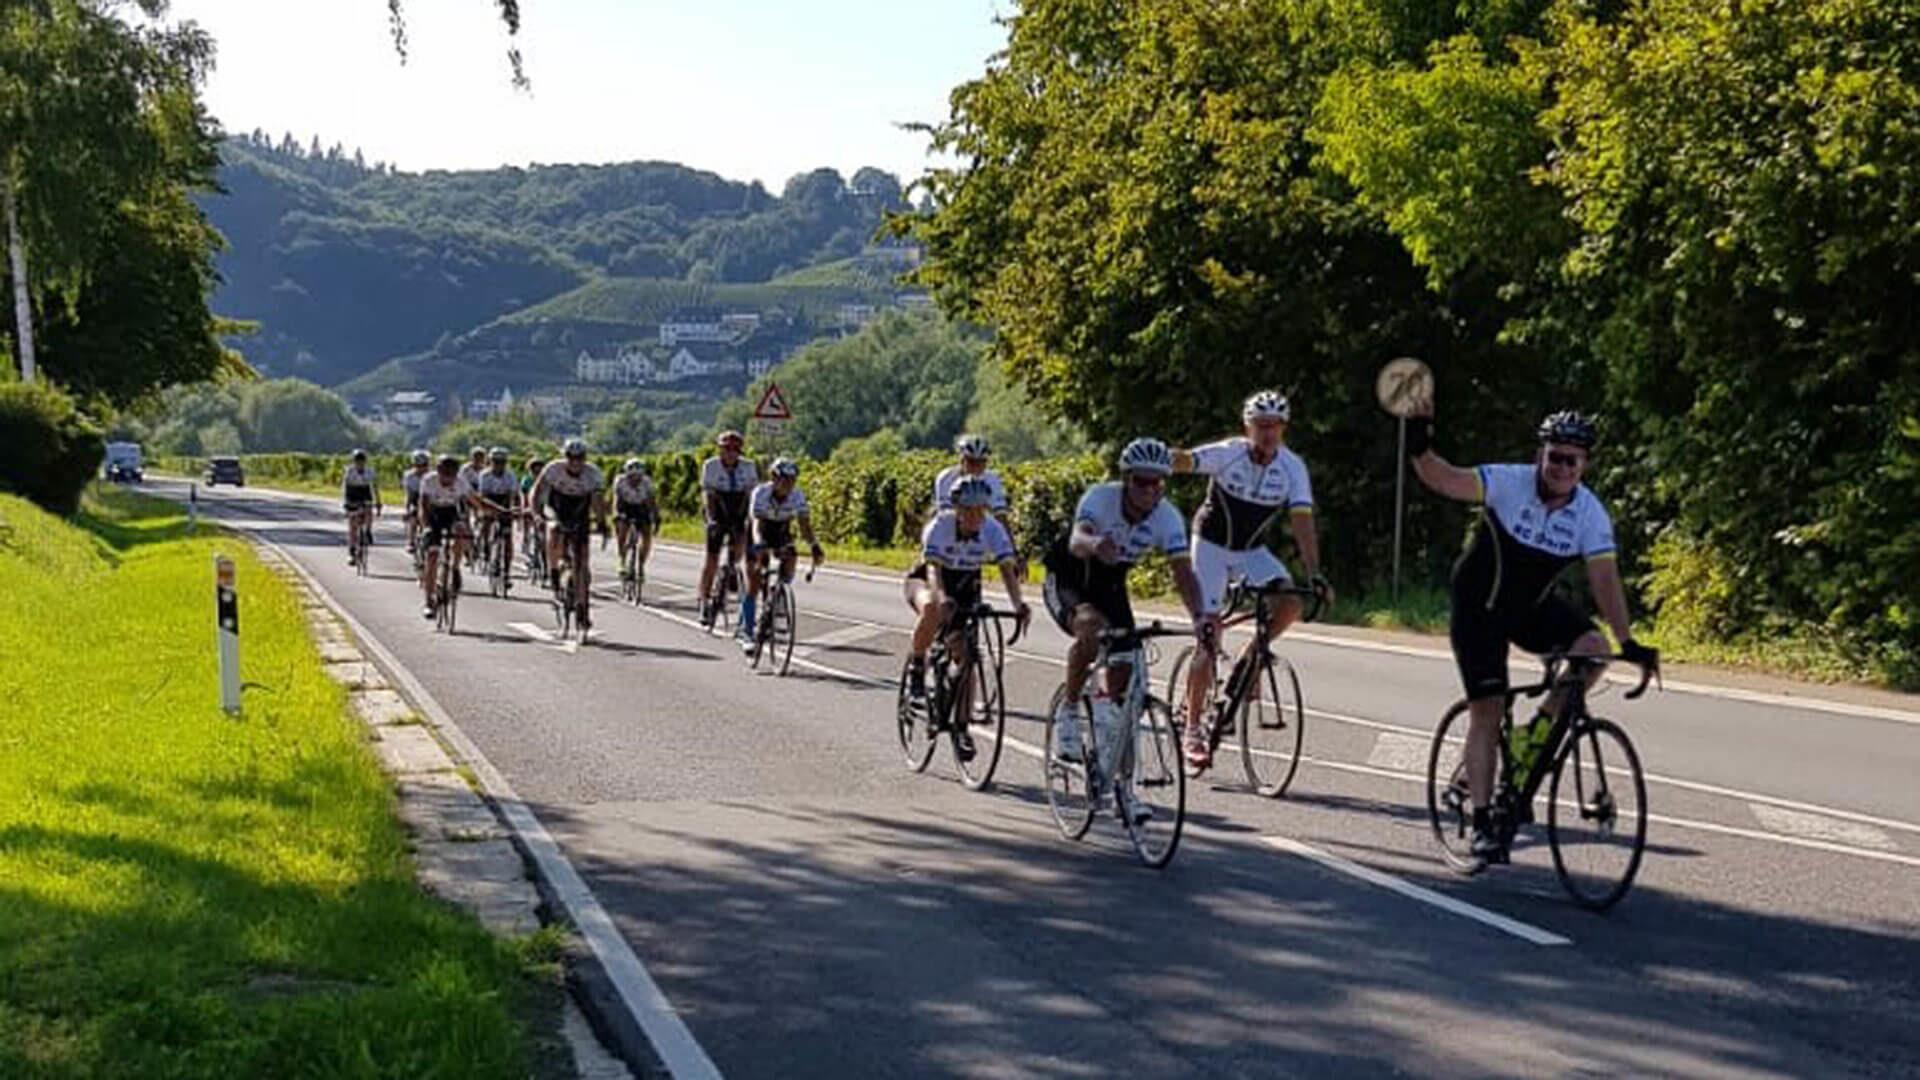 RC Dorff, Radtour, Ausfahrt, Erden, Radsport